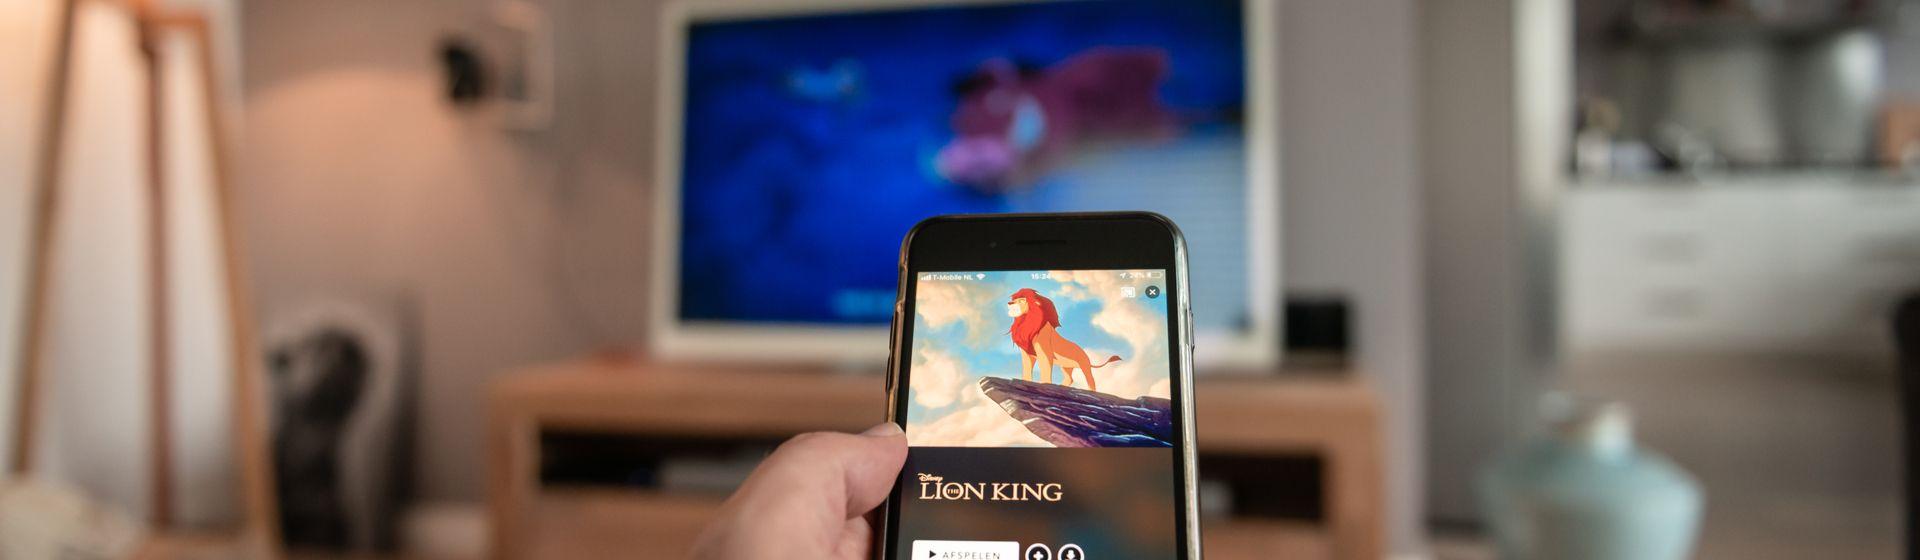 Como conectar o celular na Smart TV AOC?